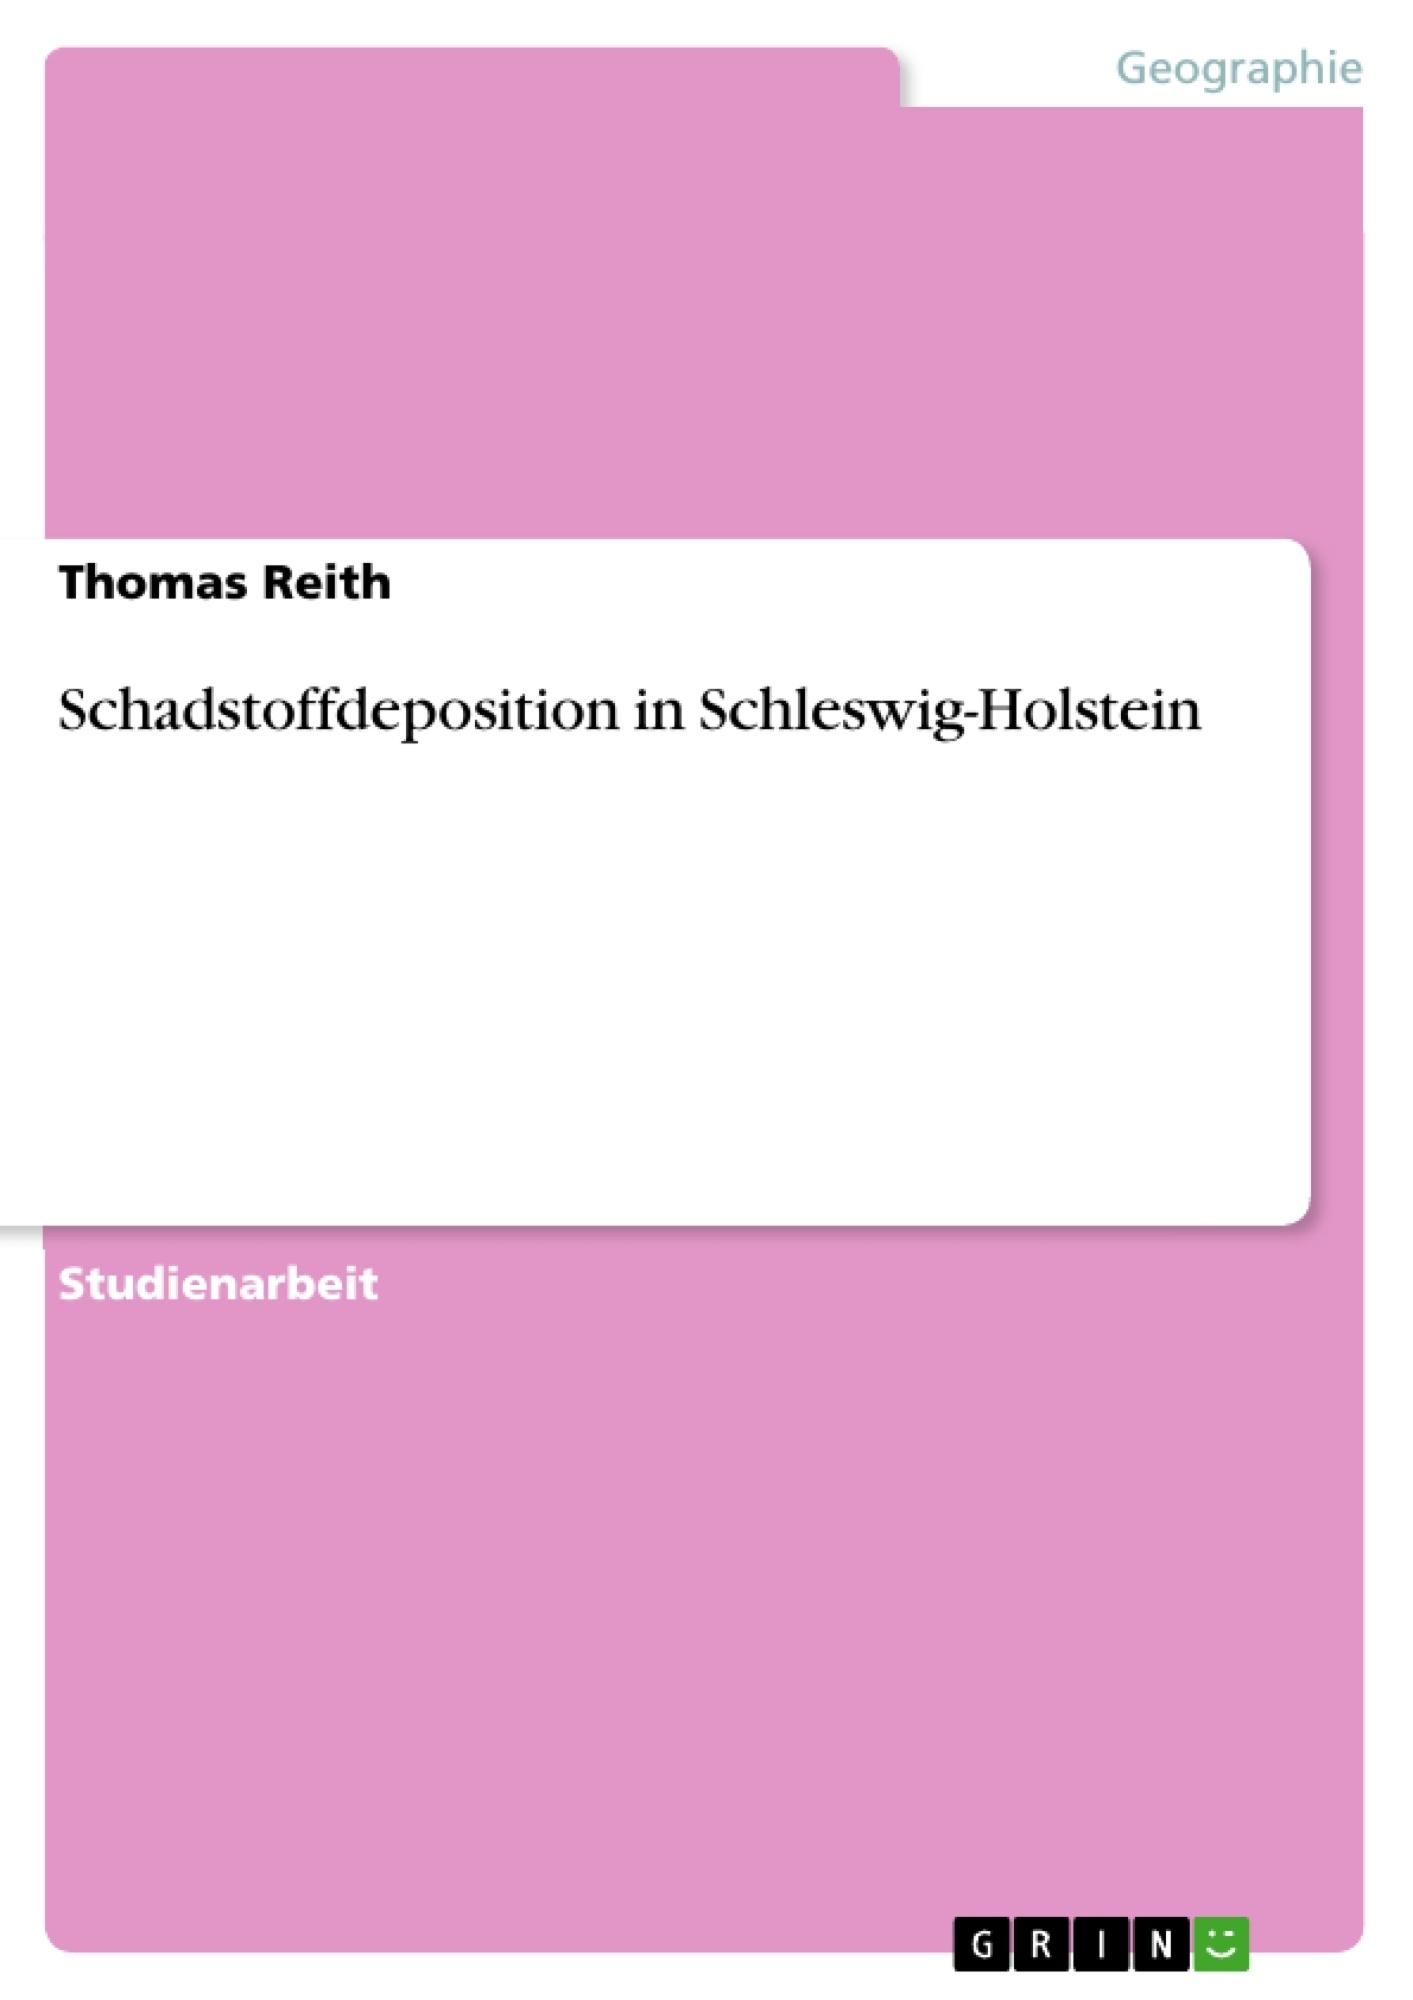 Titel: Schadstoffdeposition in Schleswig-Holstein